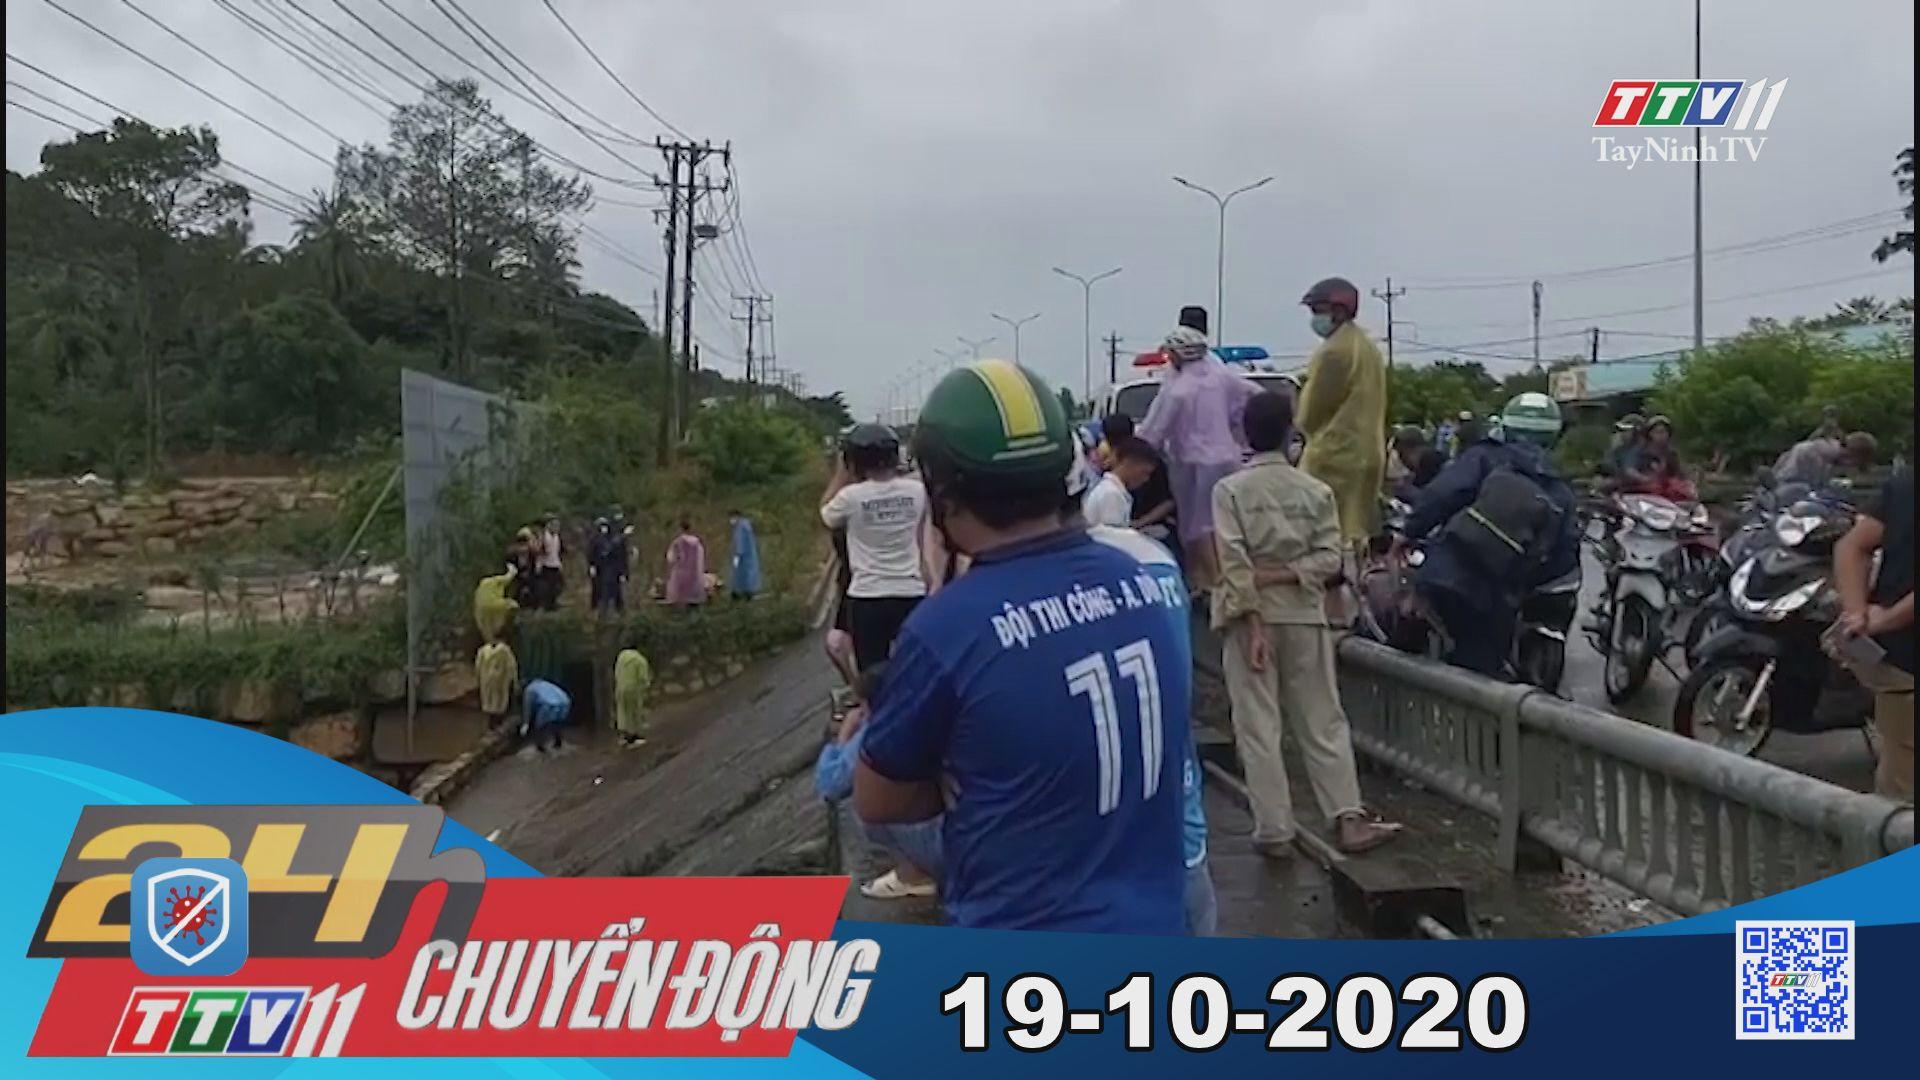 24h Chuyển động 19-10-2020 | Tin tức hôm nay | TayNinhTV